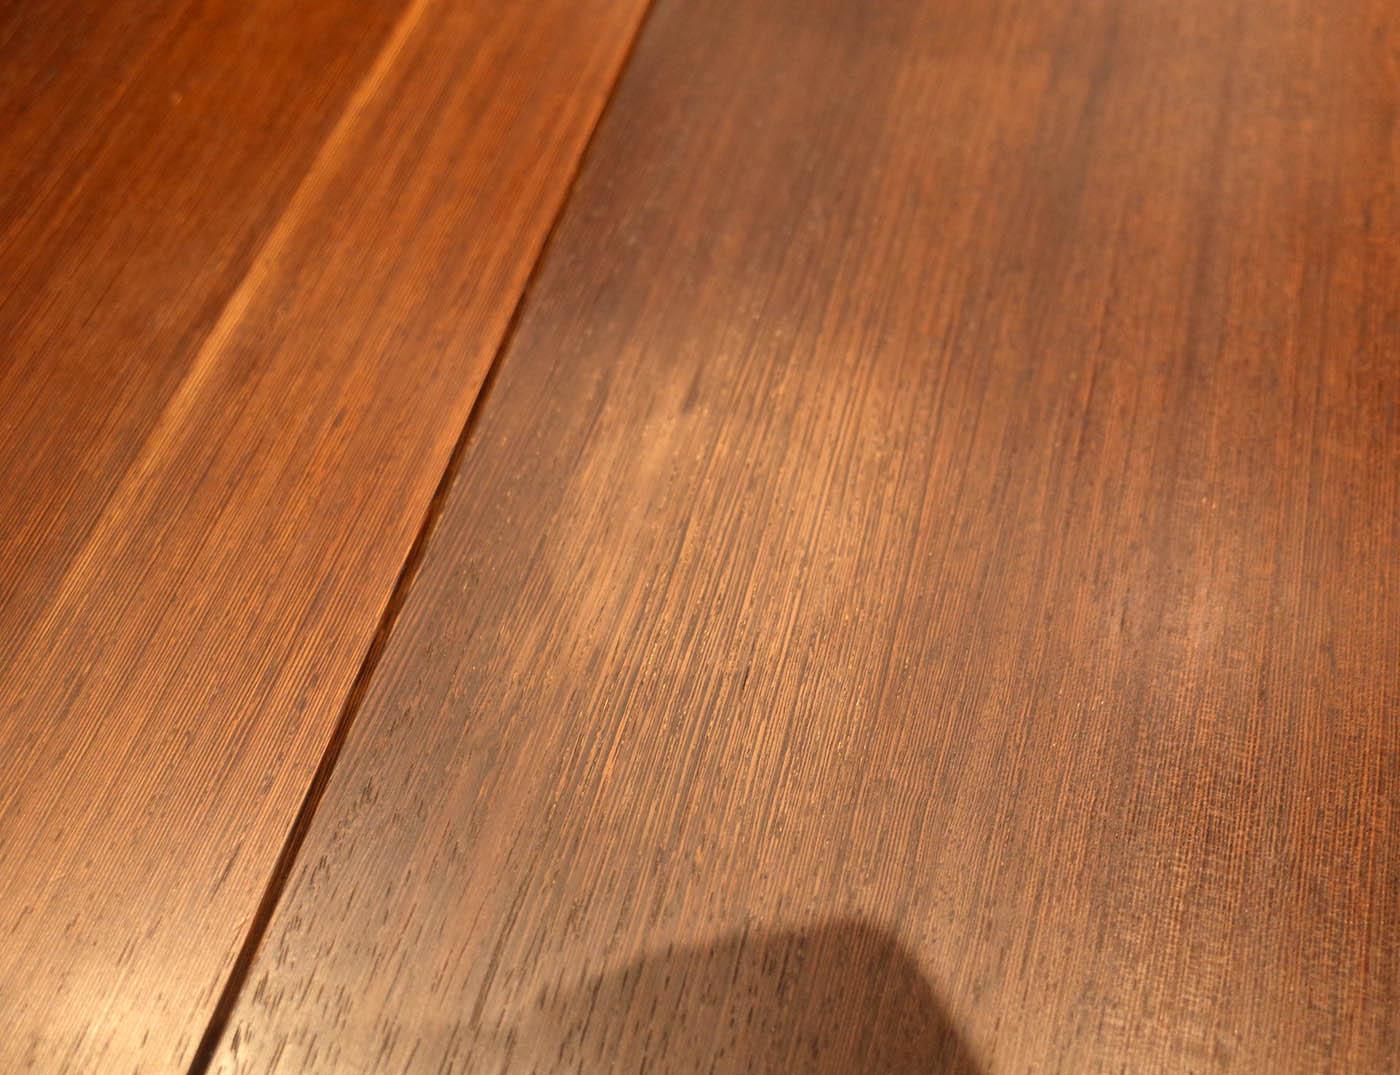 コップの補修後に輪染みが付いてしまった無垢材ダイニングテーブル